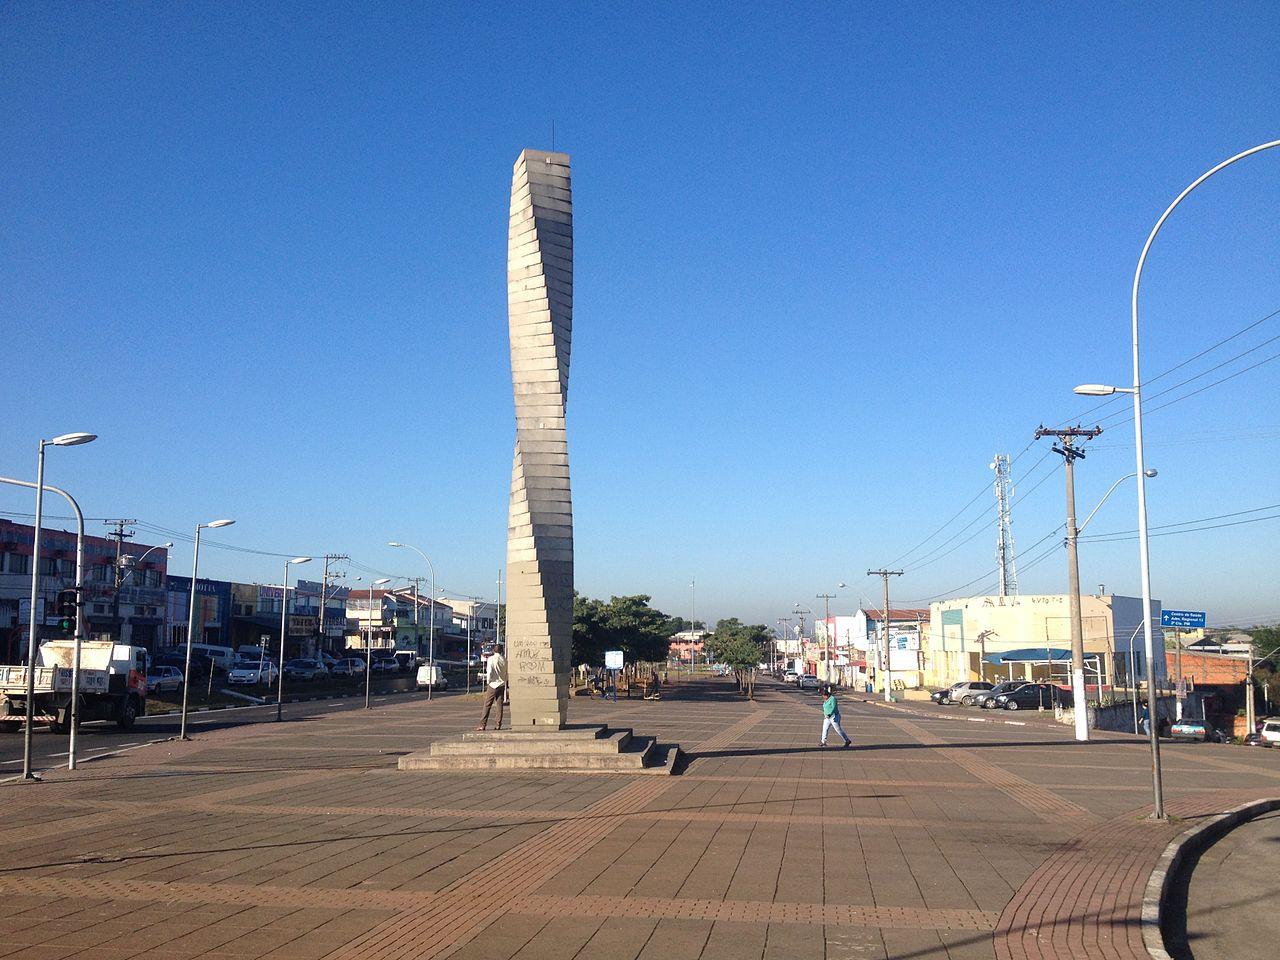 A Praça da Concórdia é a região central do distrito campineiro de Campo Grande. Situa-se no bairro Parque Valença.